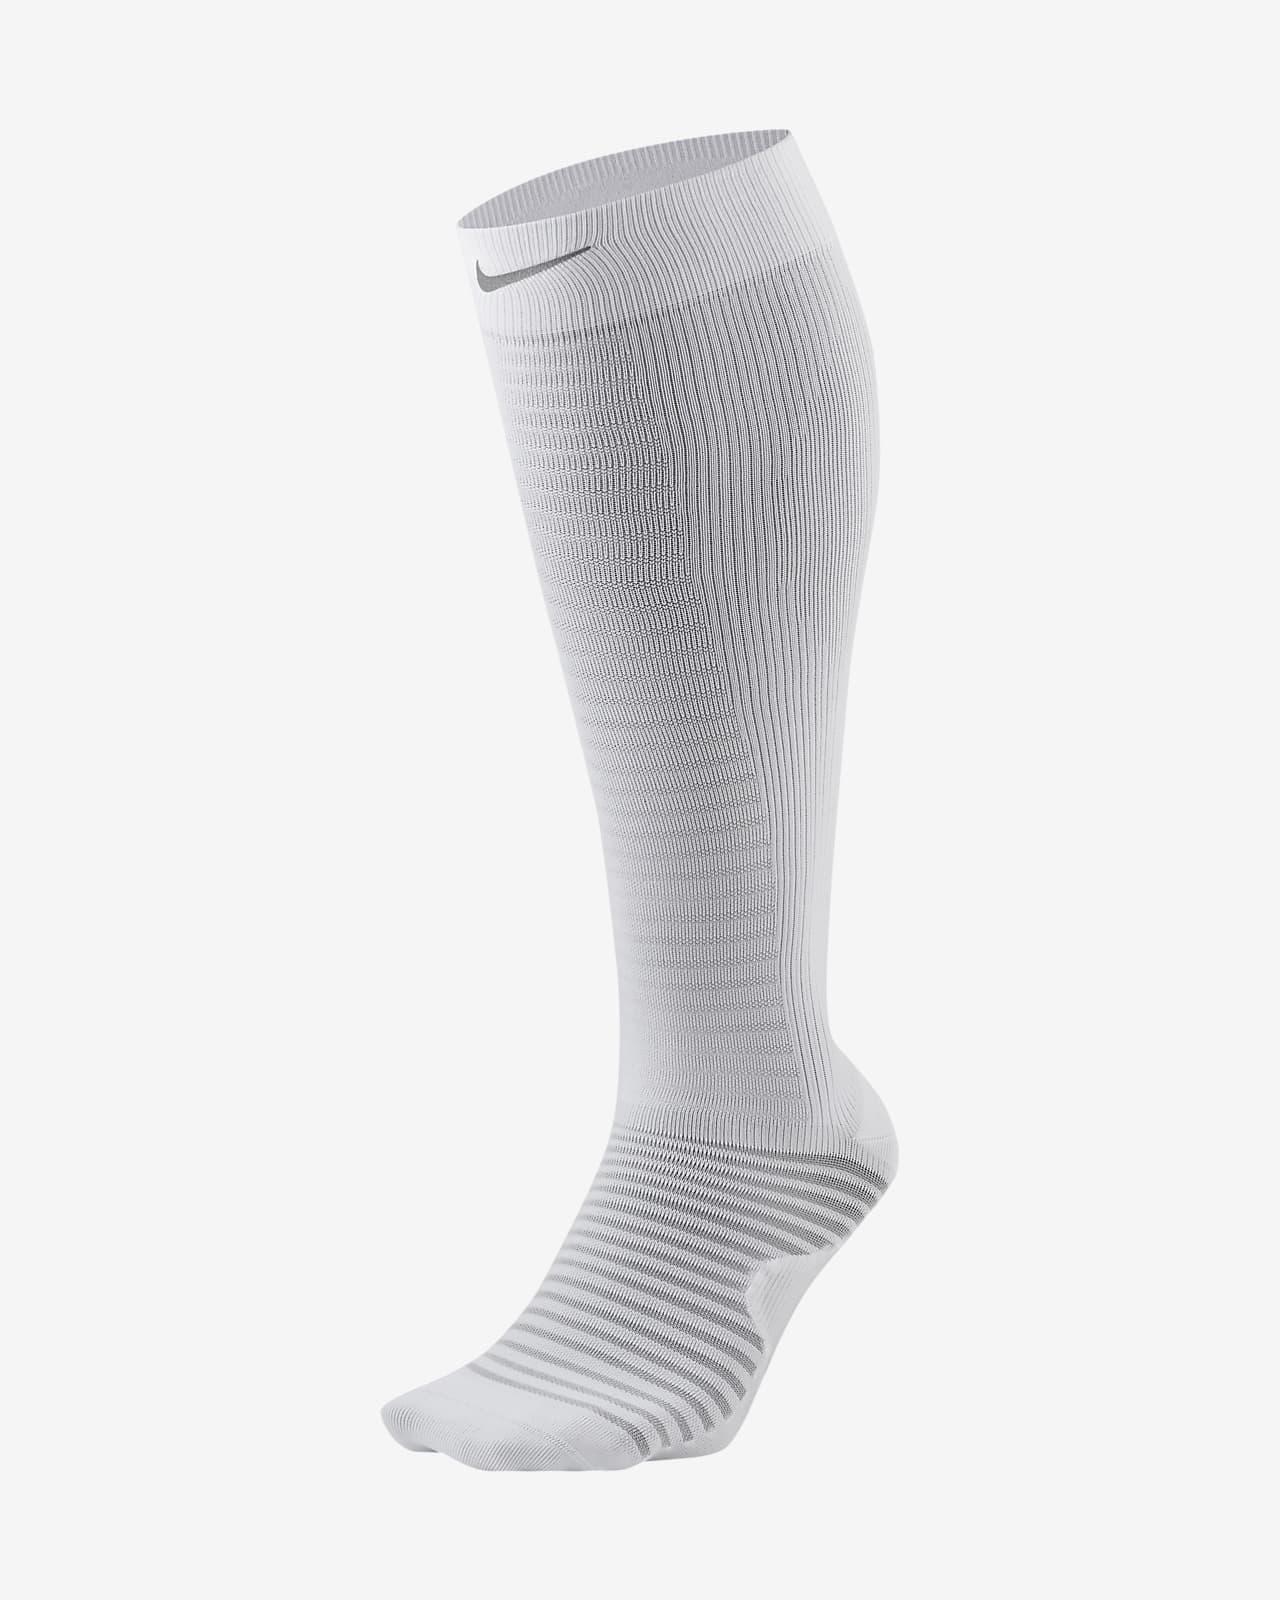 Calcetines hasta la rodilla de running con compresión Nike Spark Lightweight